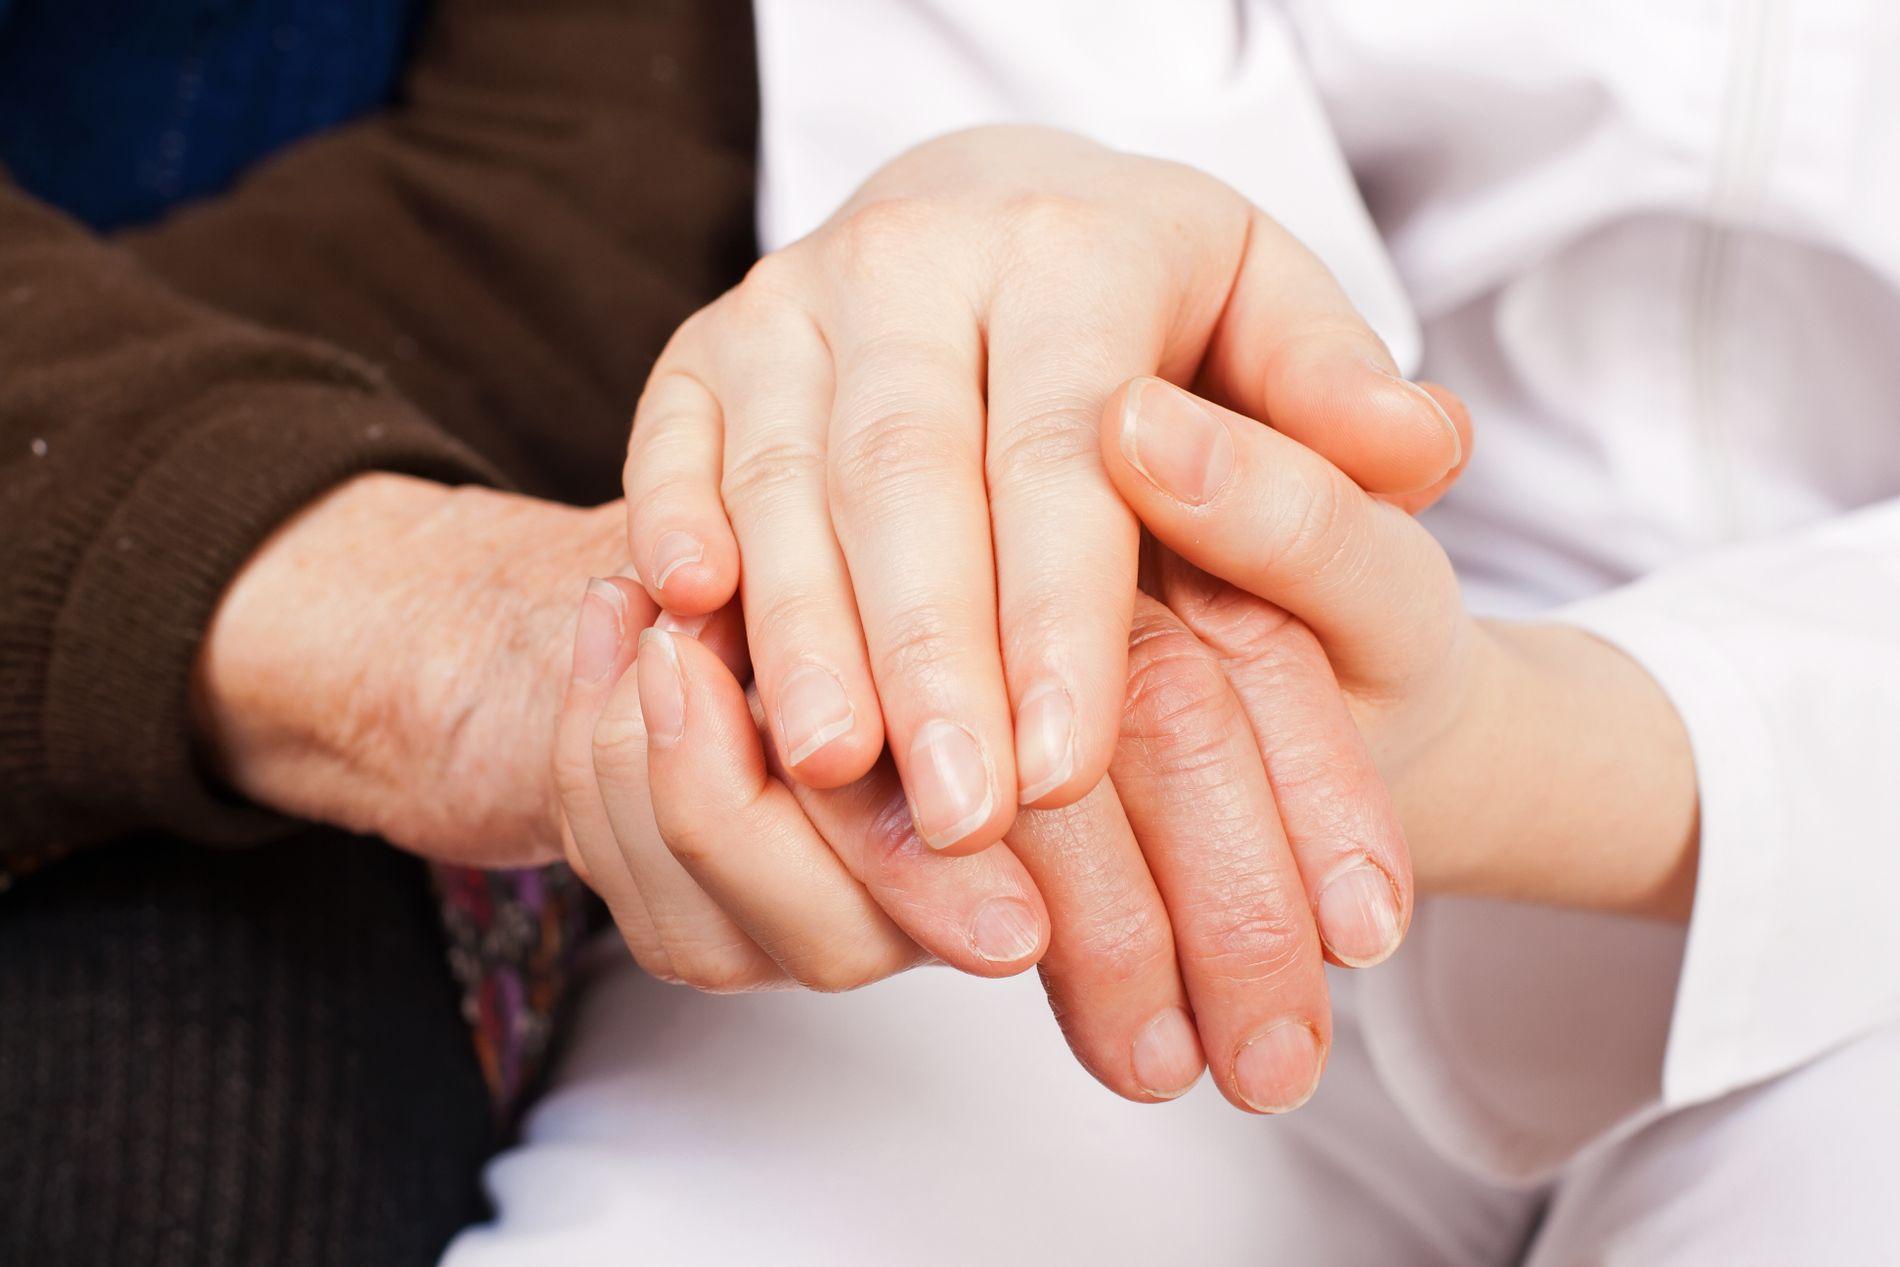 Verdig?: Smerter, åndenød og angst er en del av manges siste dager før døden, ifølge ny studie.